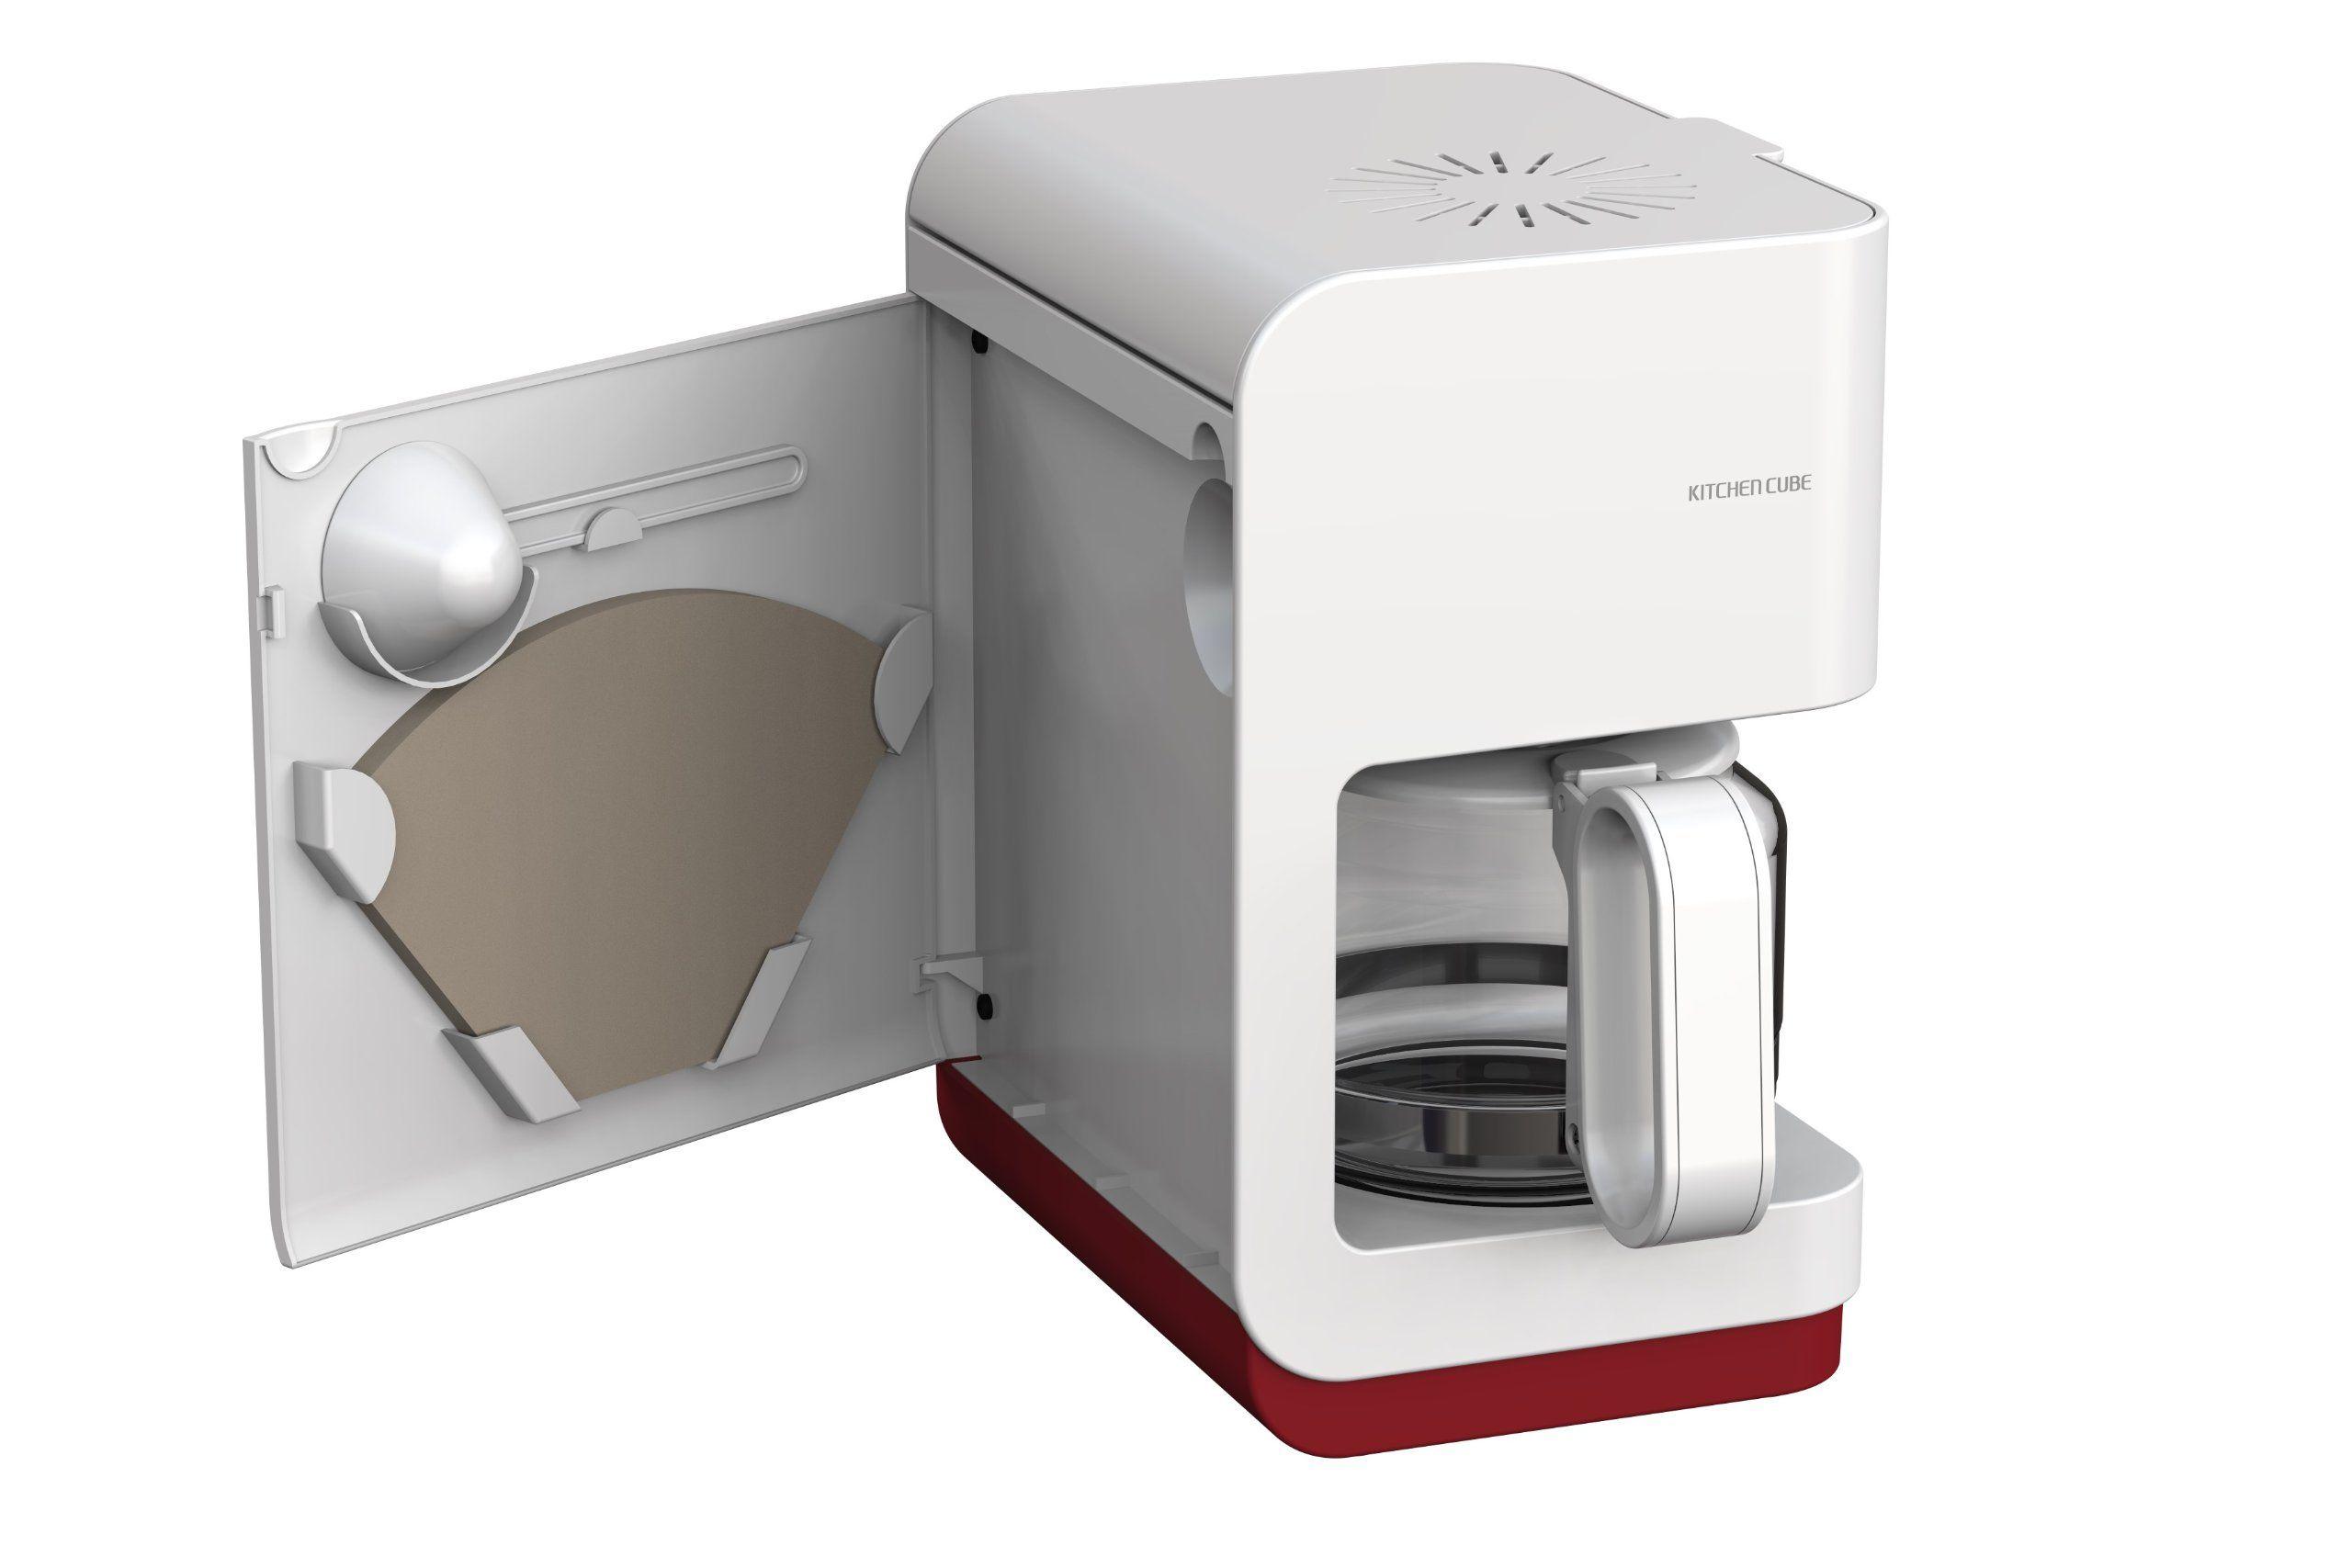 Amazon Co Jp: ドウシシャ Kitchen Cube キッチン